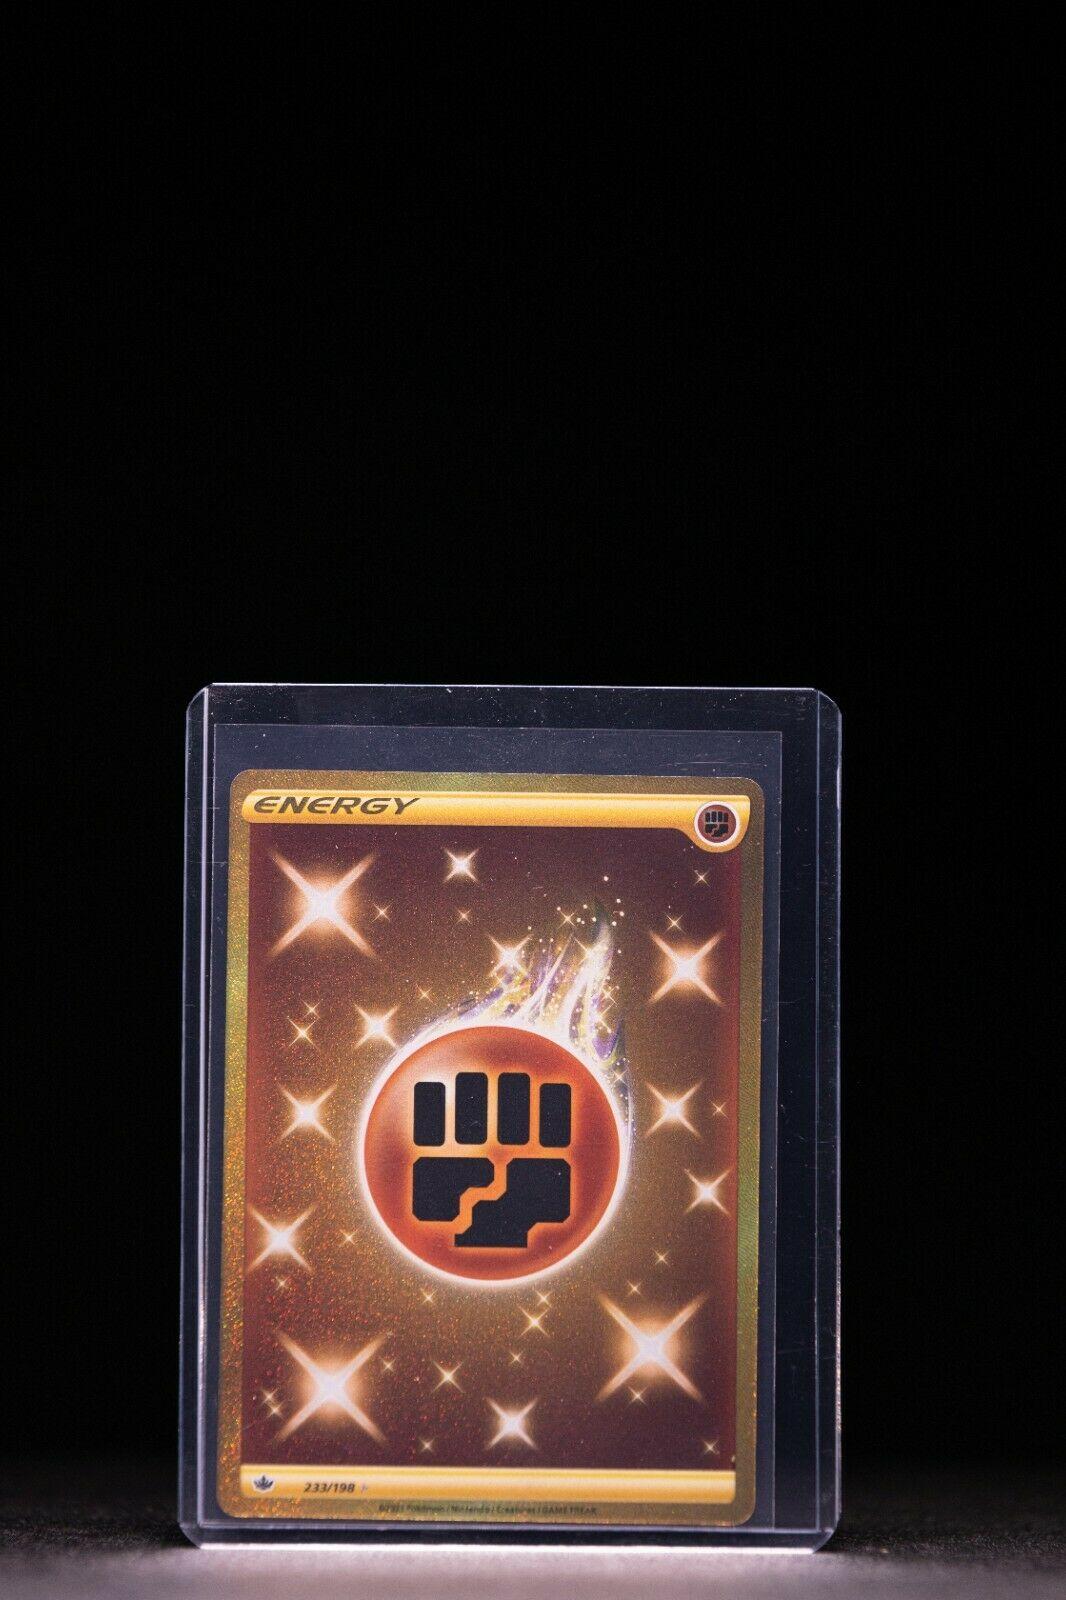 Pokemon TCG Chilling Reign GOLD FIGHTING ENERGY SECRET RARE 233/198